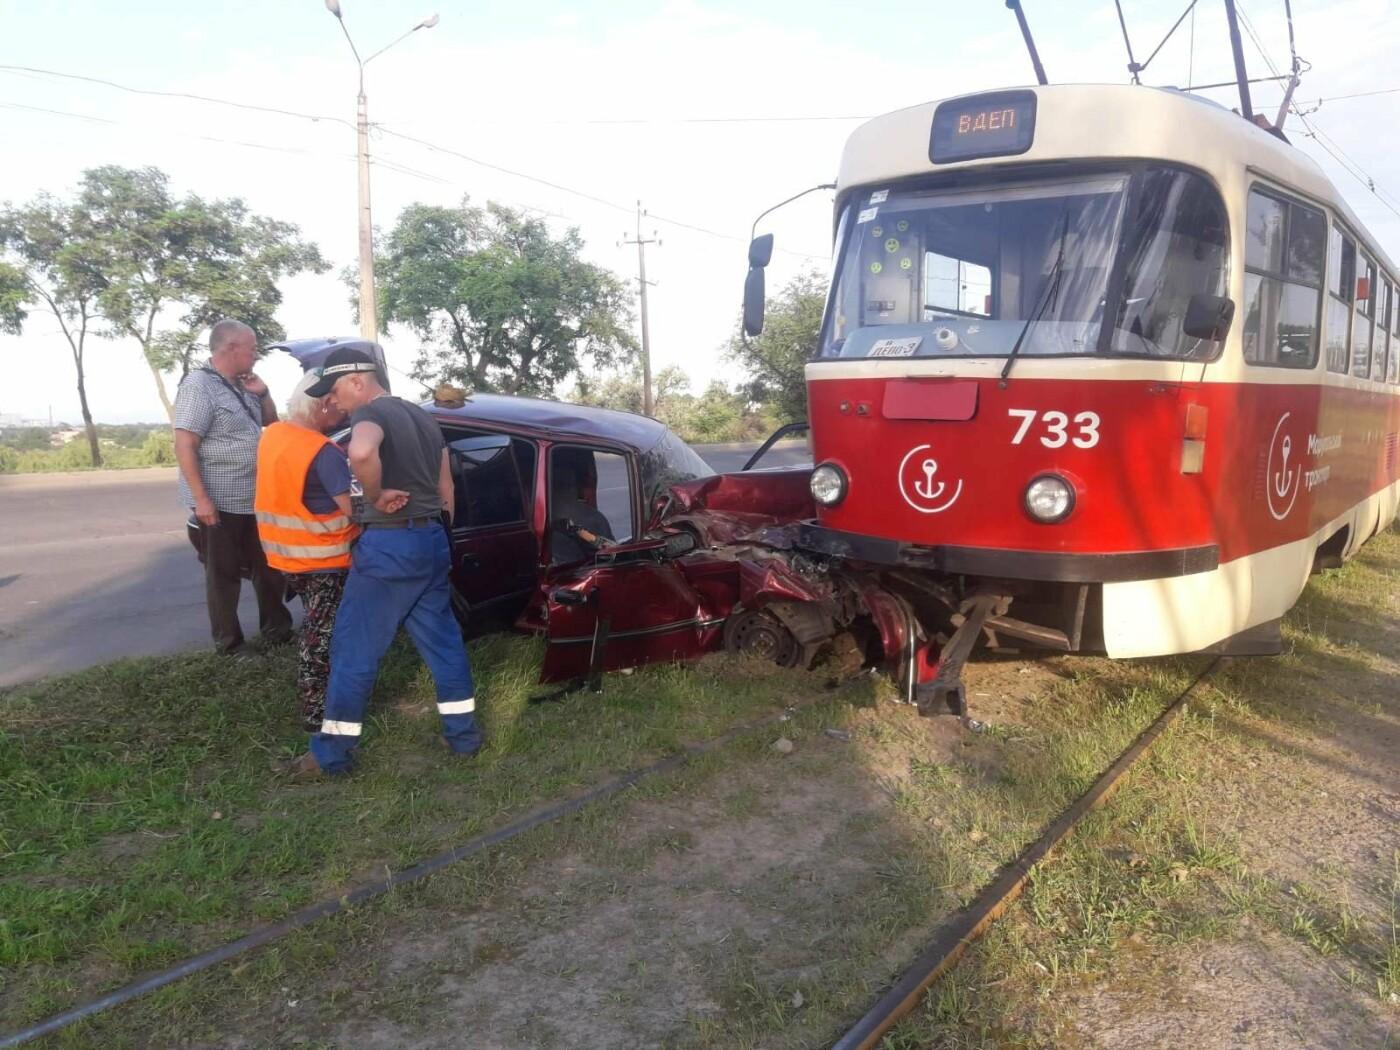 В Мариуполе Daewoo влетел в трамвай. Водитель легковушки серьезно пострадал, - ФОТО, фото-8